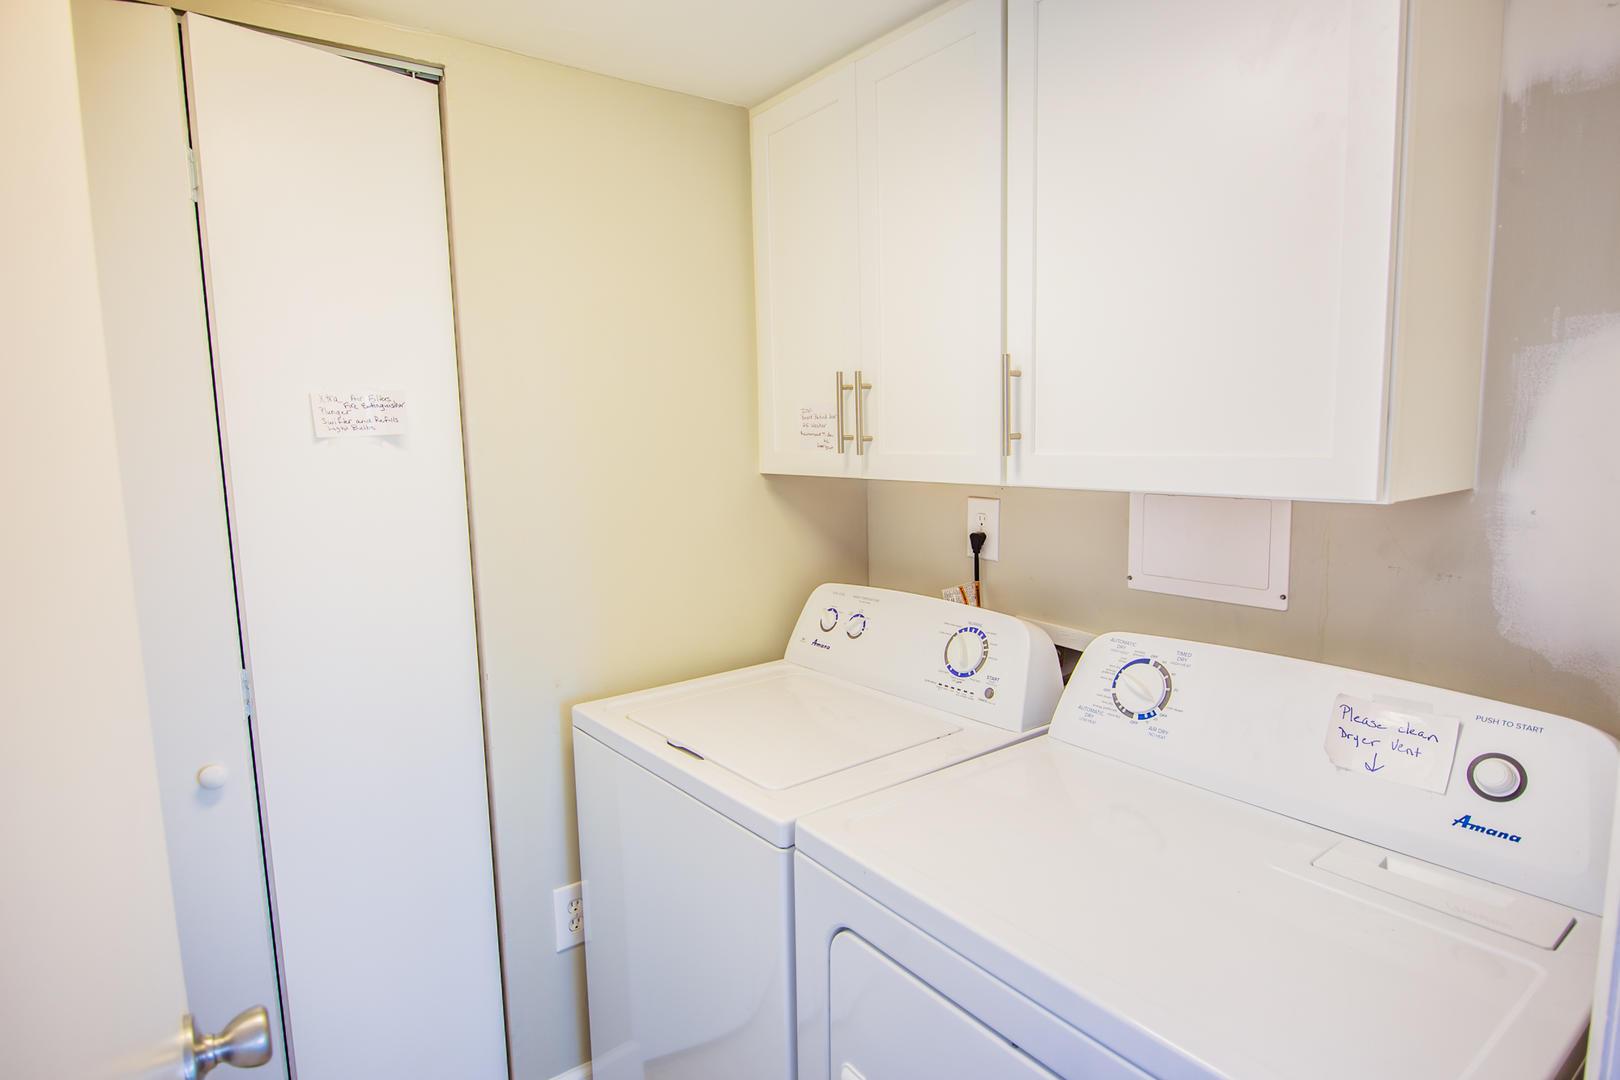 Sea Mark Tower 406 - Laundry Room